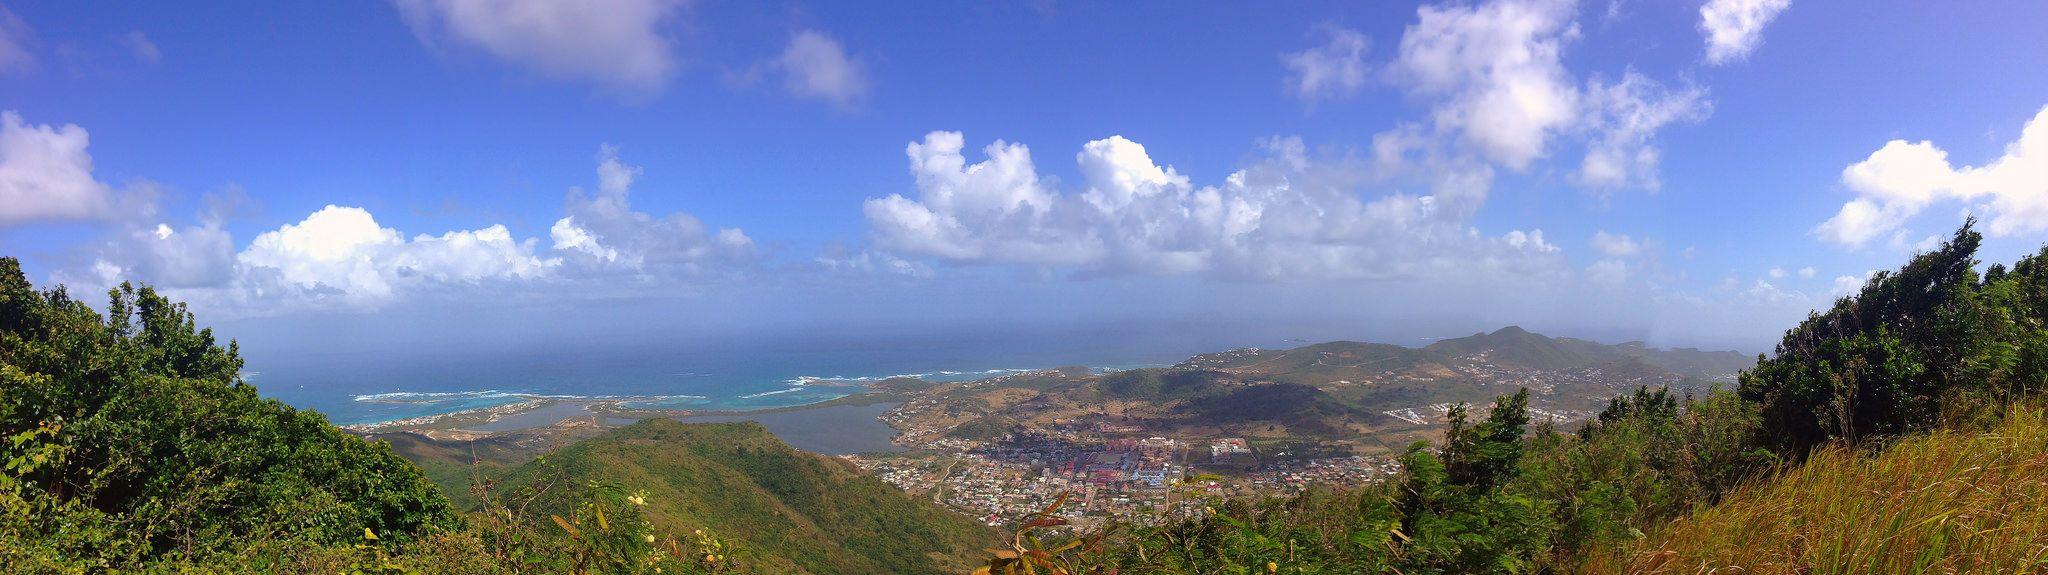 Urlaub auf St. Maarten